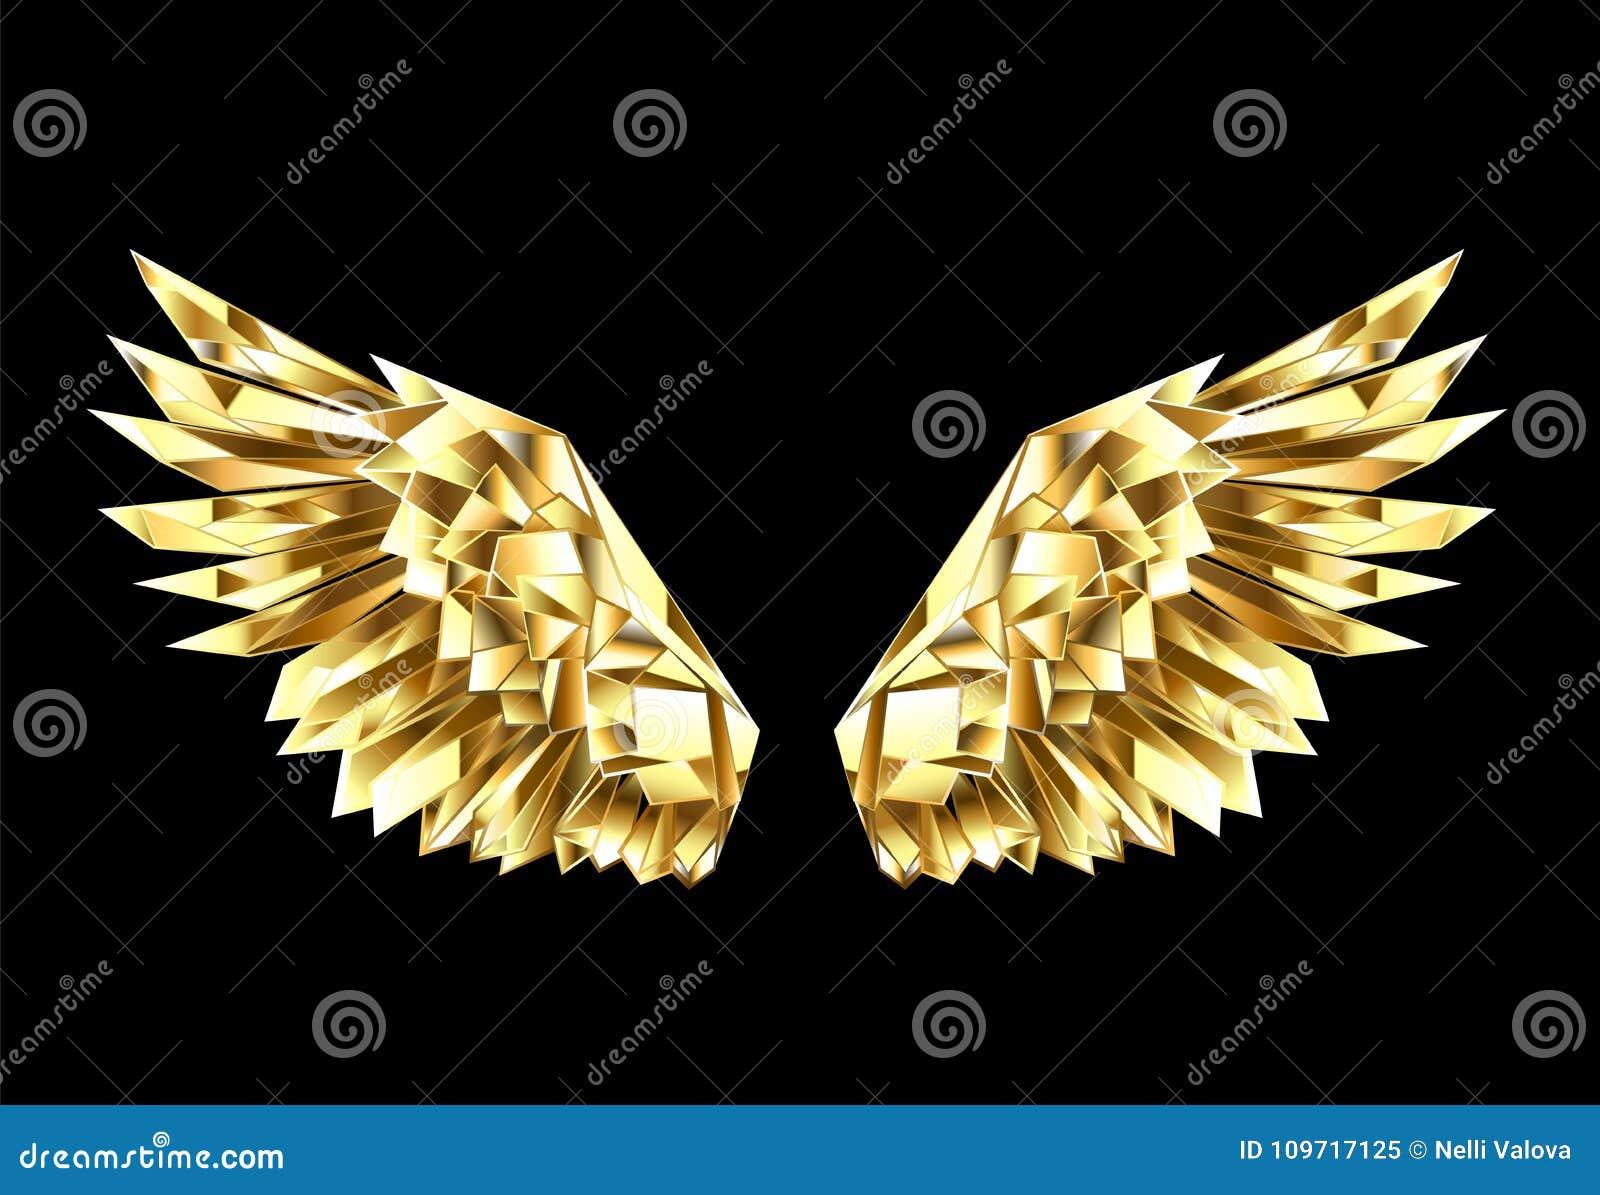 Gouden veelhoekige vleugels op zwarte achtergrond